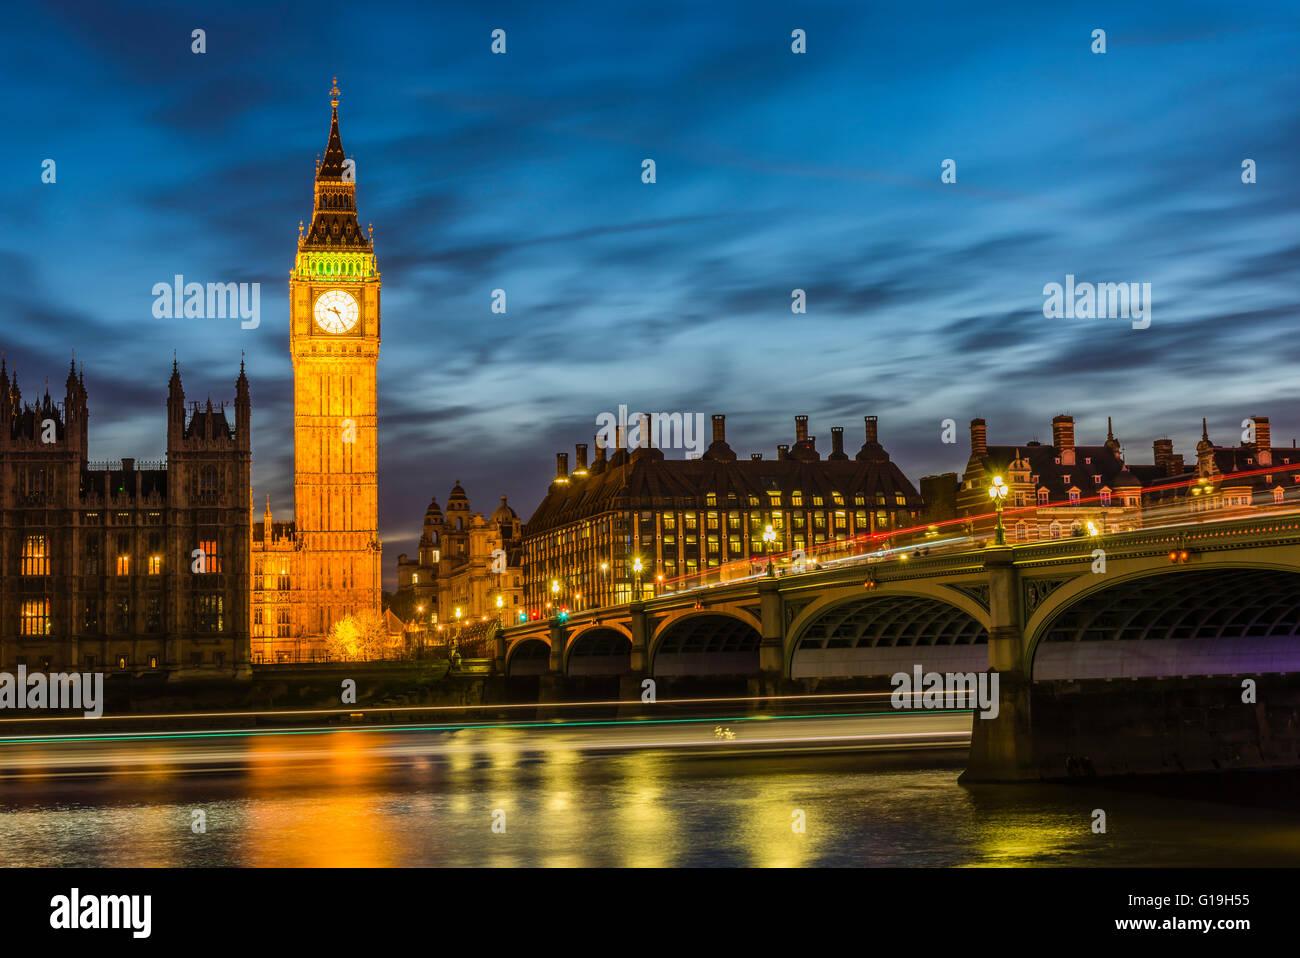 La larga exposición después del atardecer la captura de autobuses en Westminster Bridge y botes en el río Támesis, Foto de stock